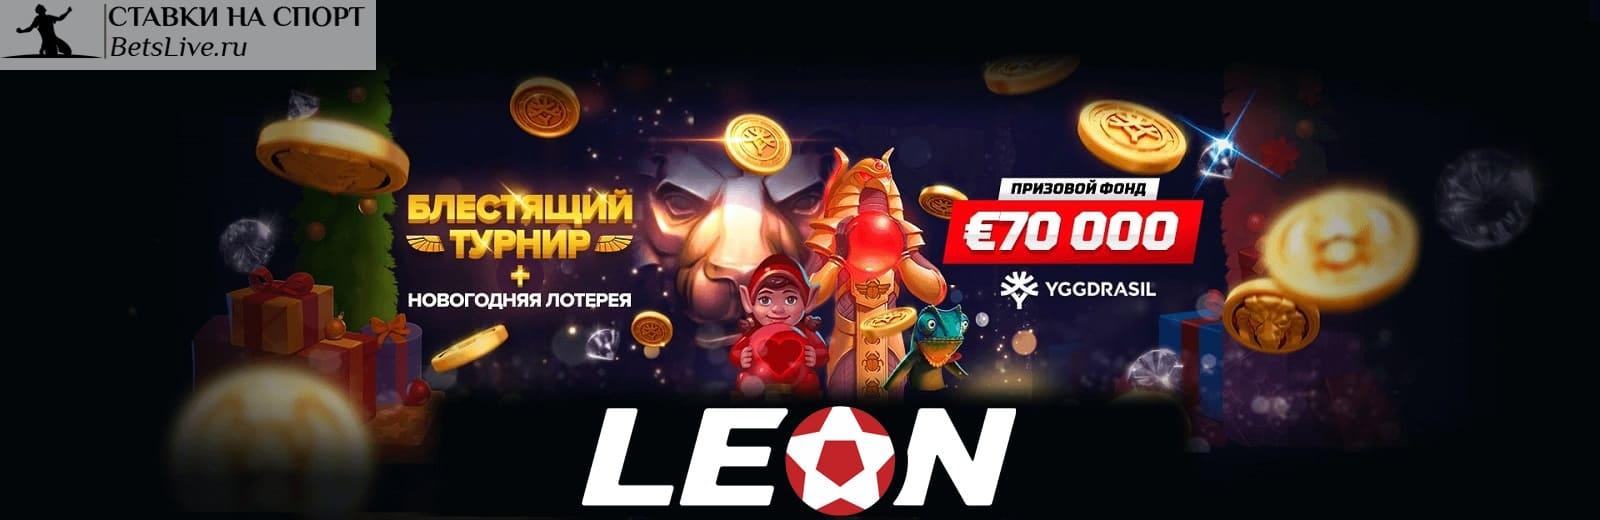 Блестящий турнир Yggdrasil акция от Leonbets